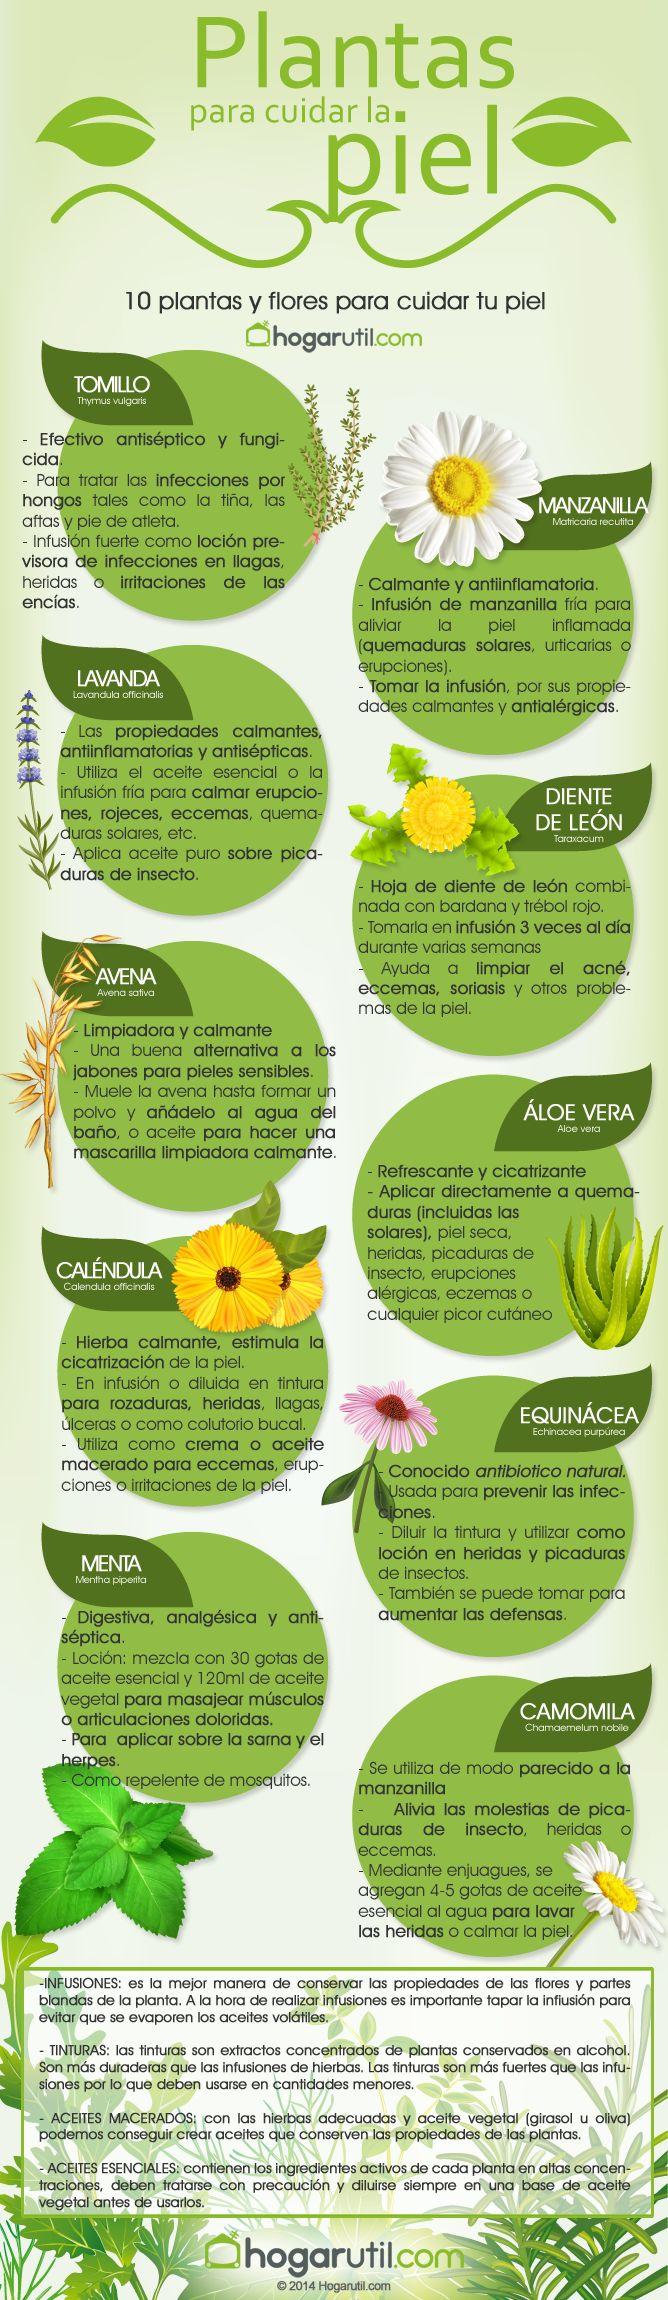 Infografía: plantas para cuidar la piel #vidasana #alimentos #salud #piel